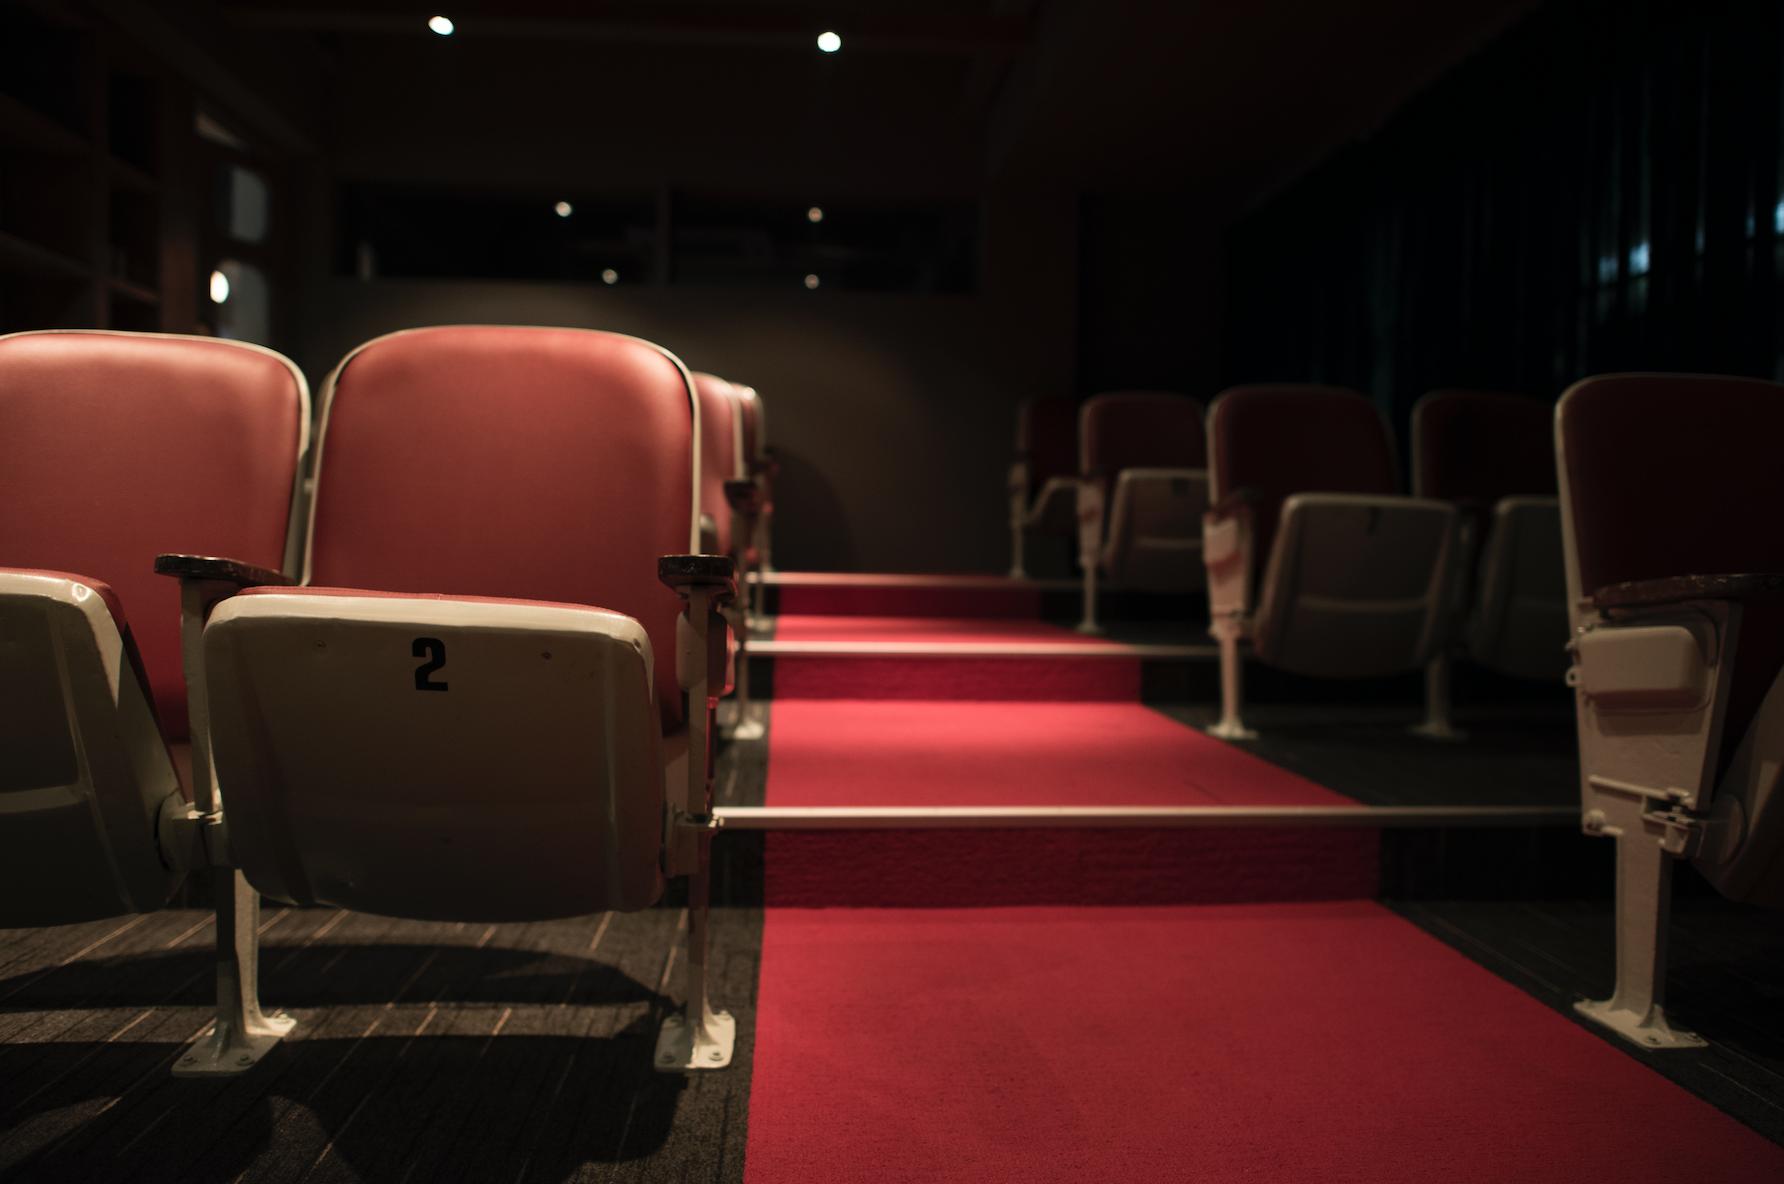 Filas vacías cine